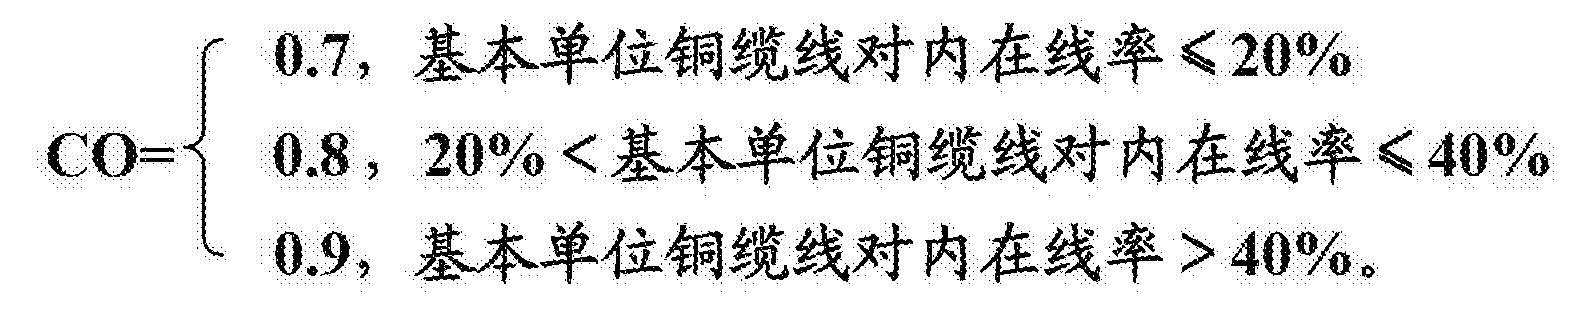 Figure CN104219172BD00061